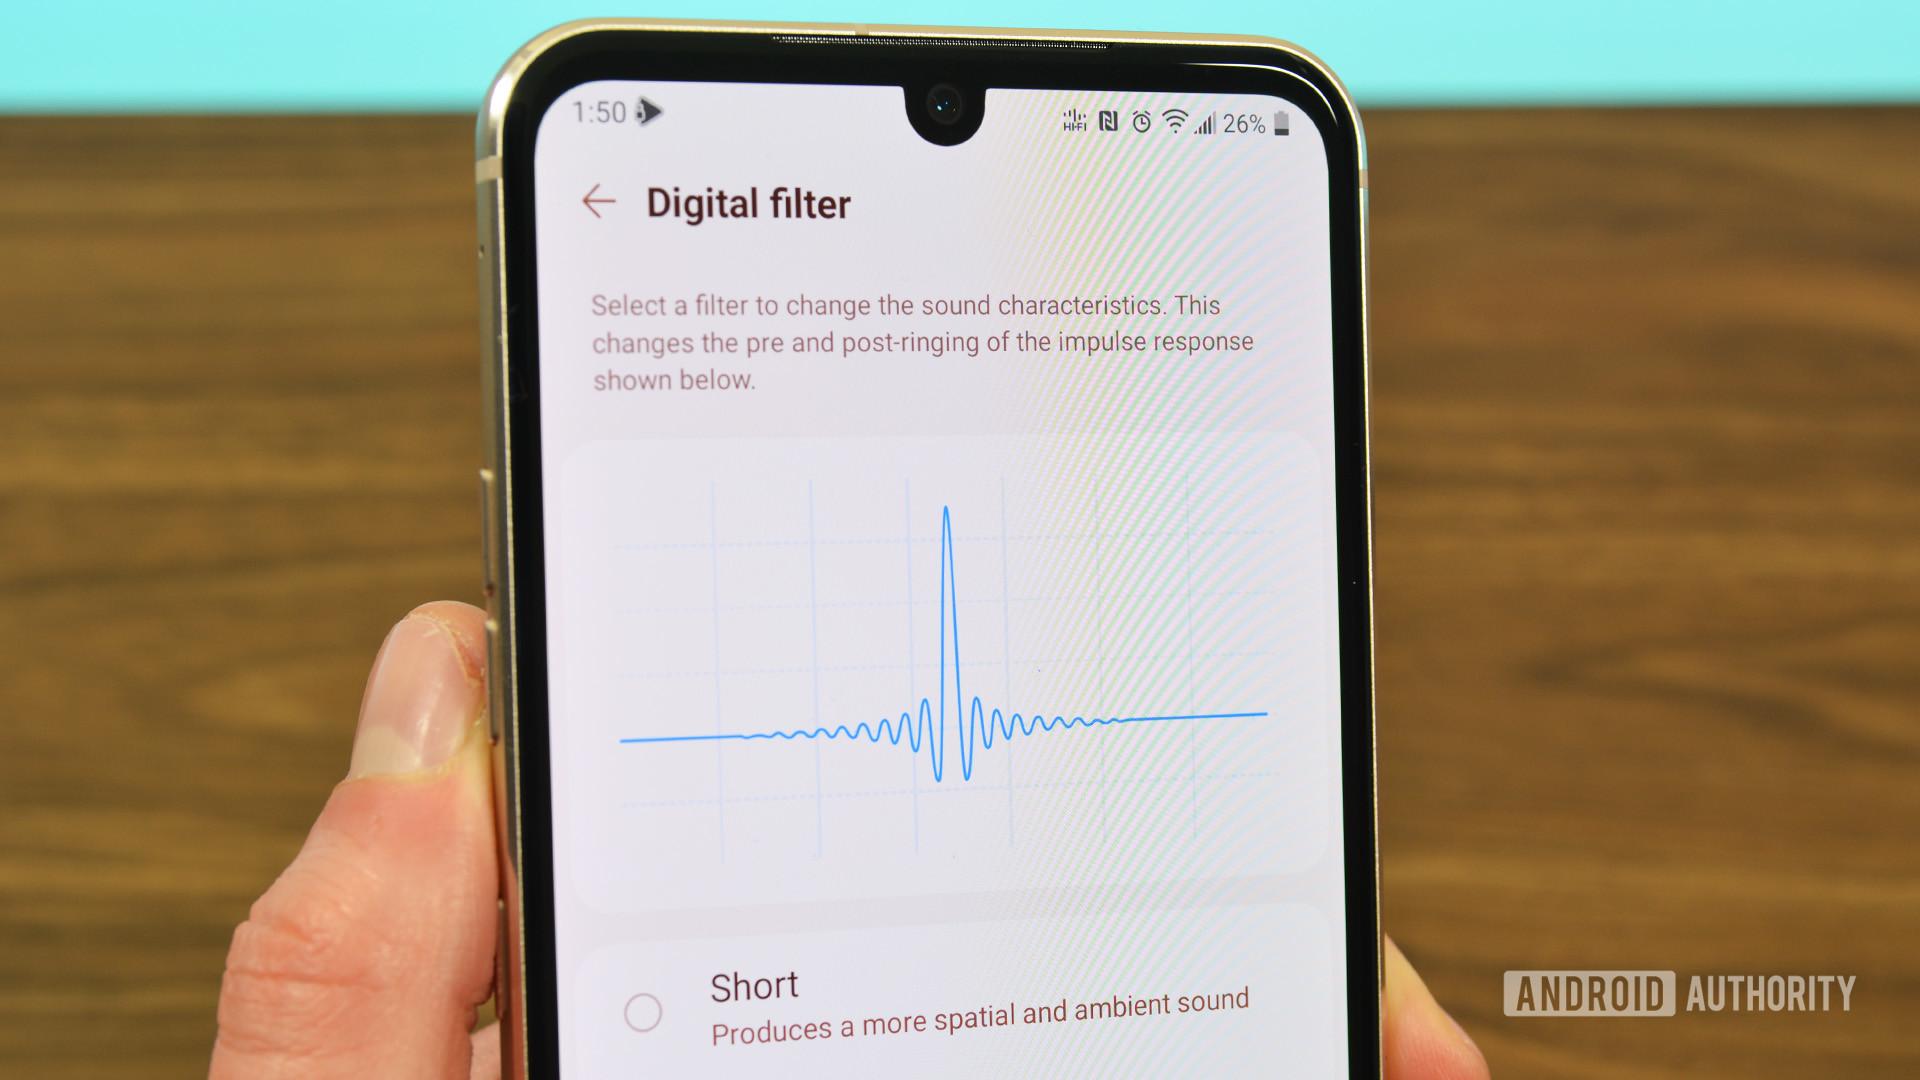 LG Quad DAC Digital Filter